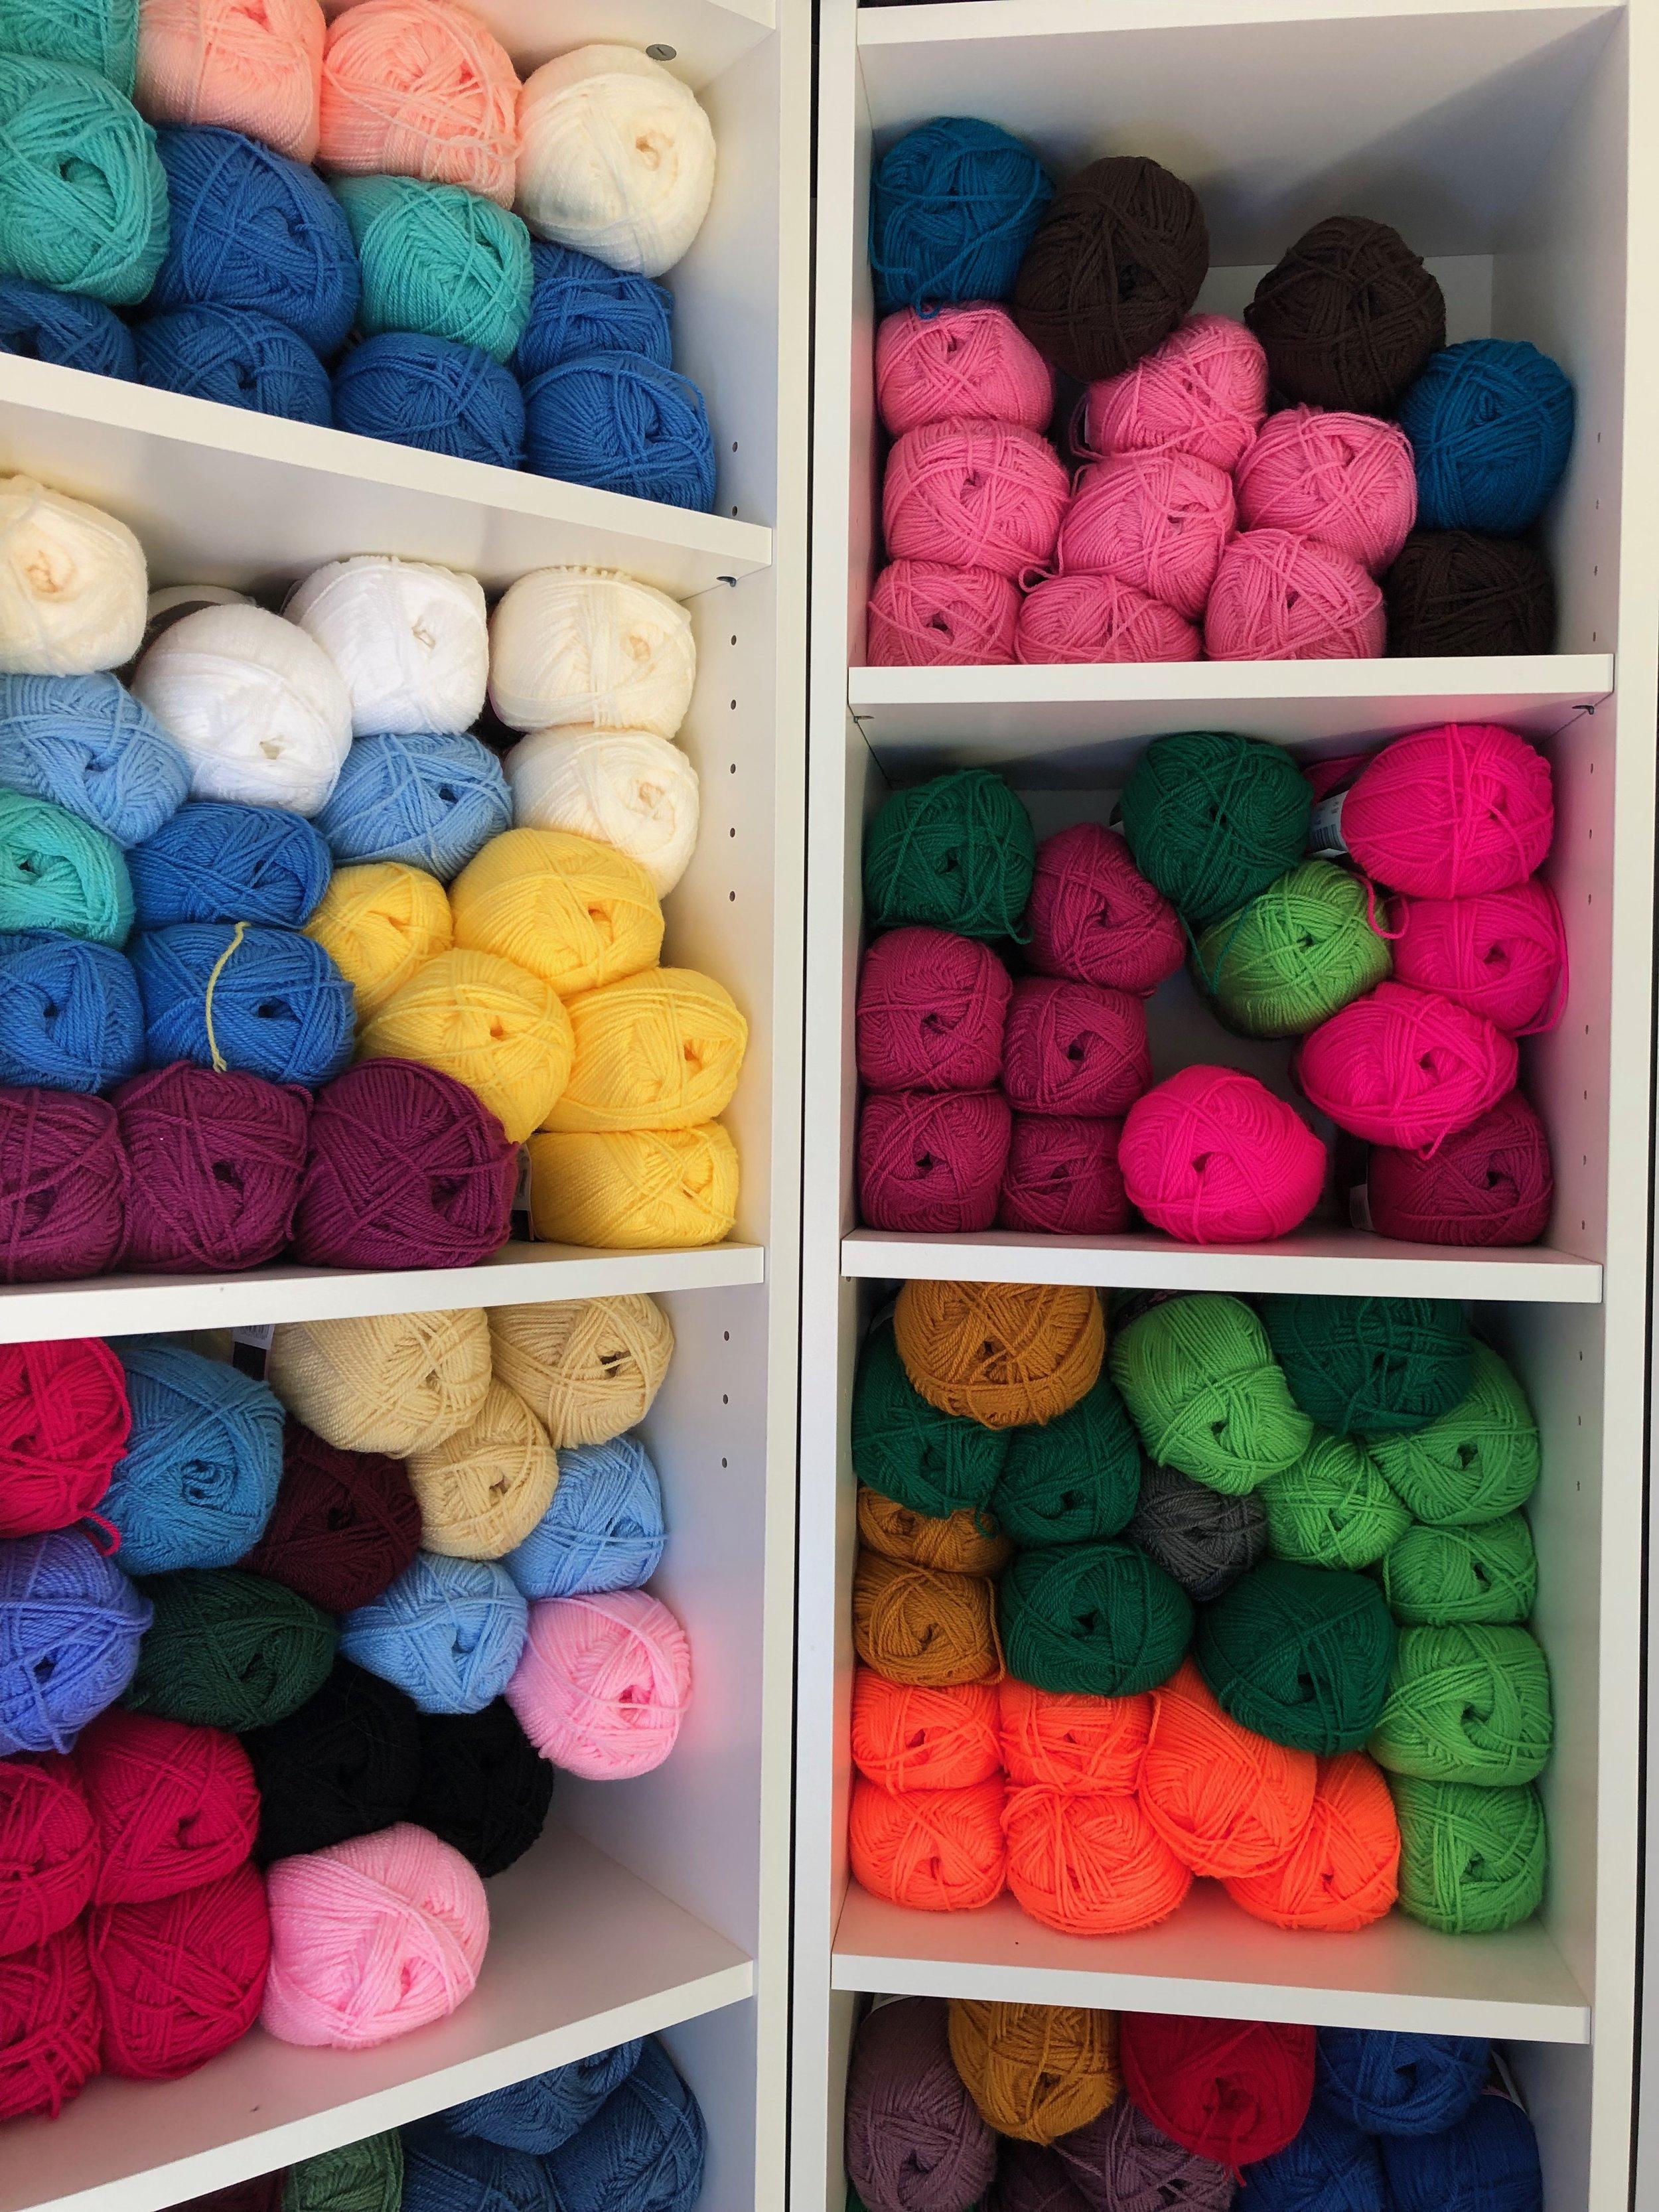 Lots and lots of yarns